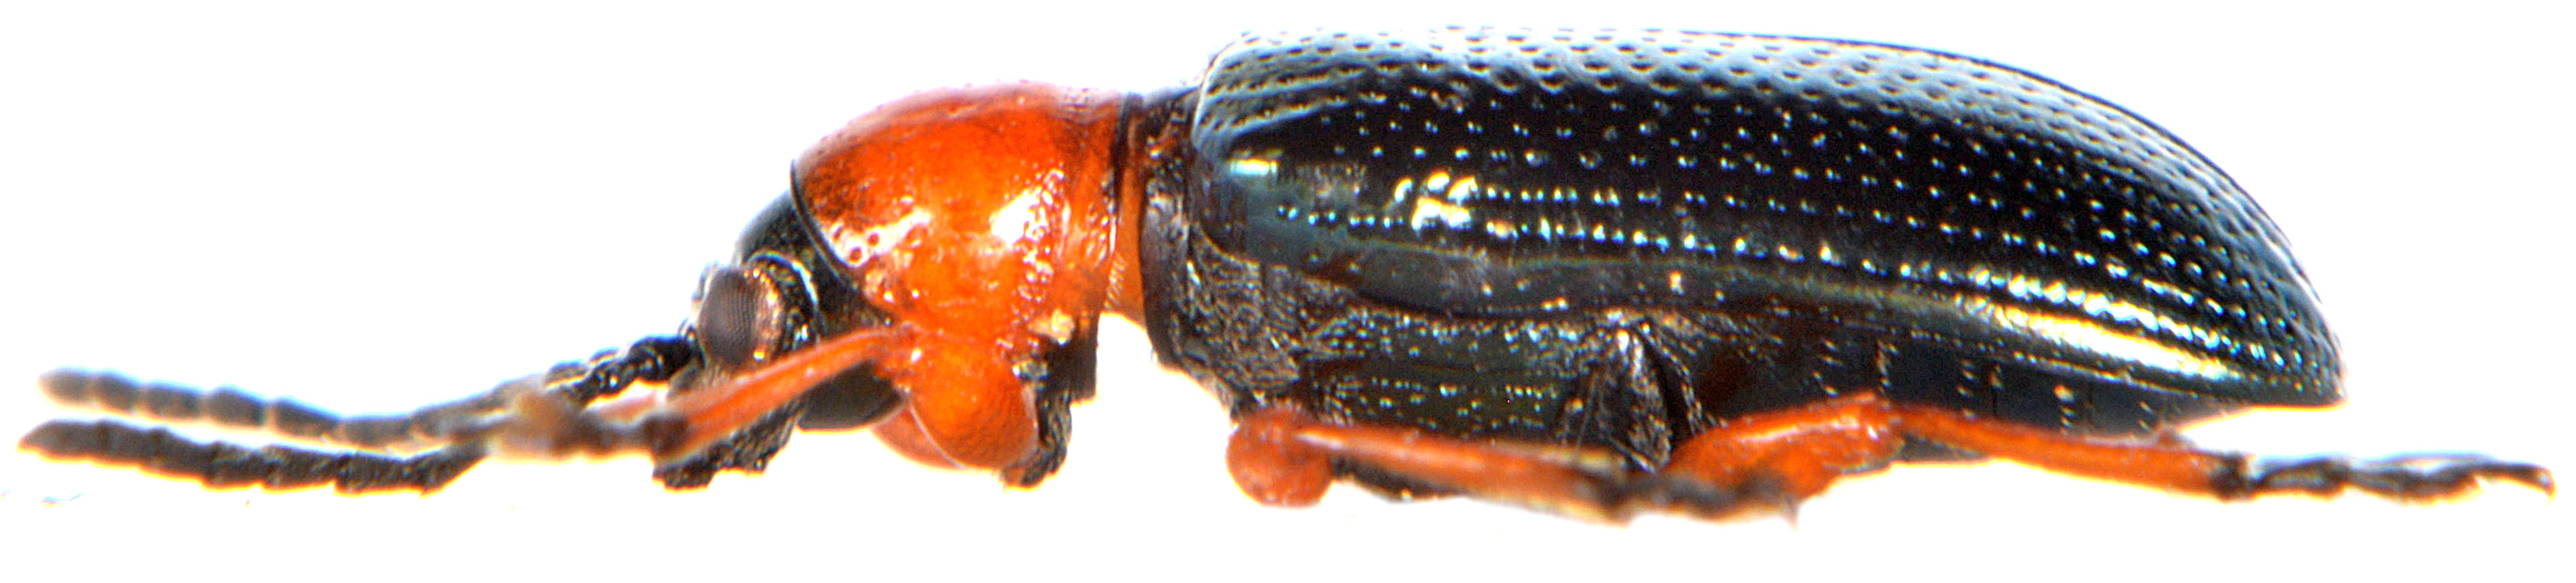 Oulema melanopus 4